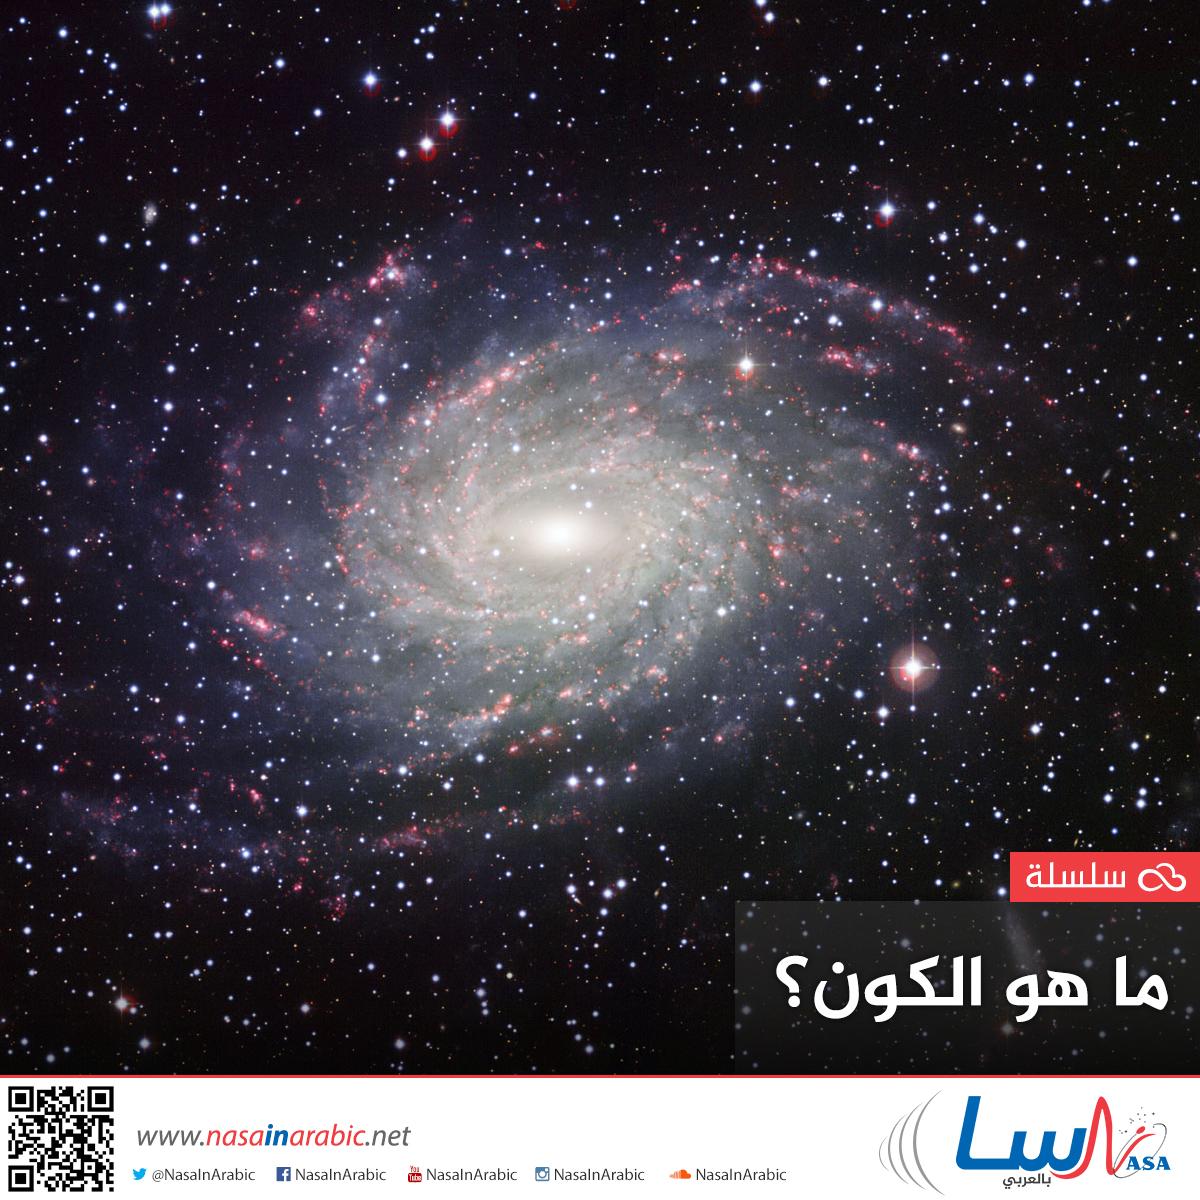 ما هو الكون؟